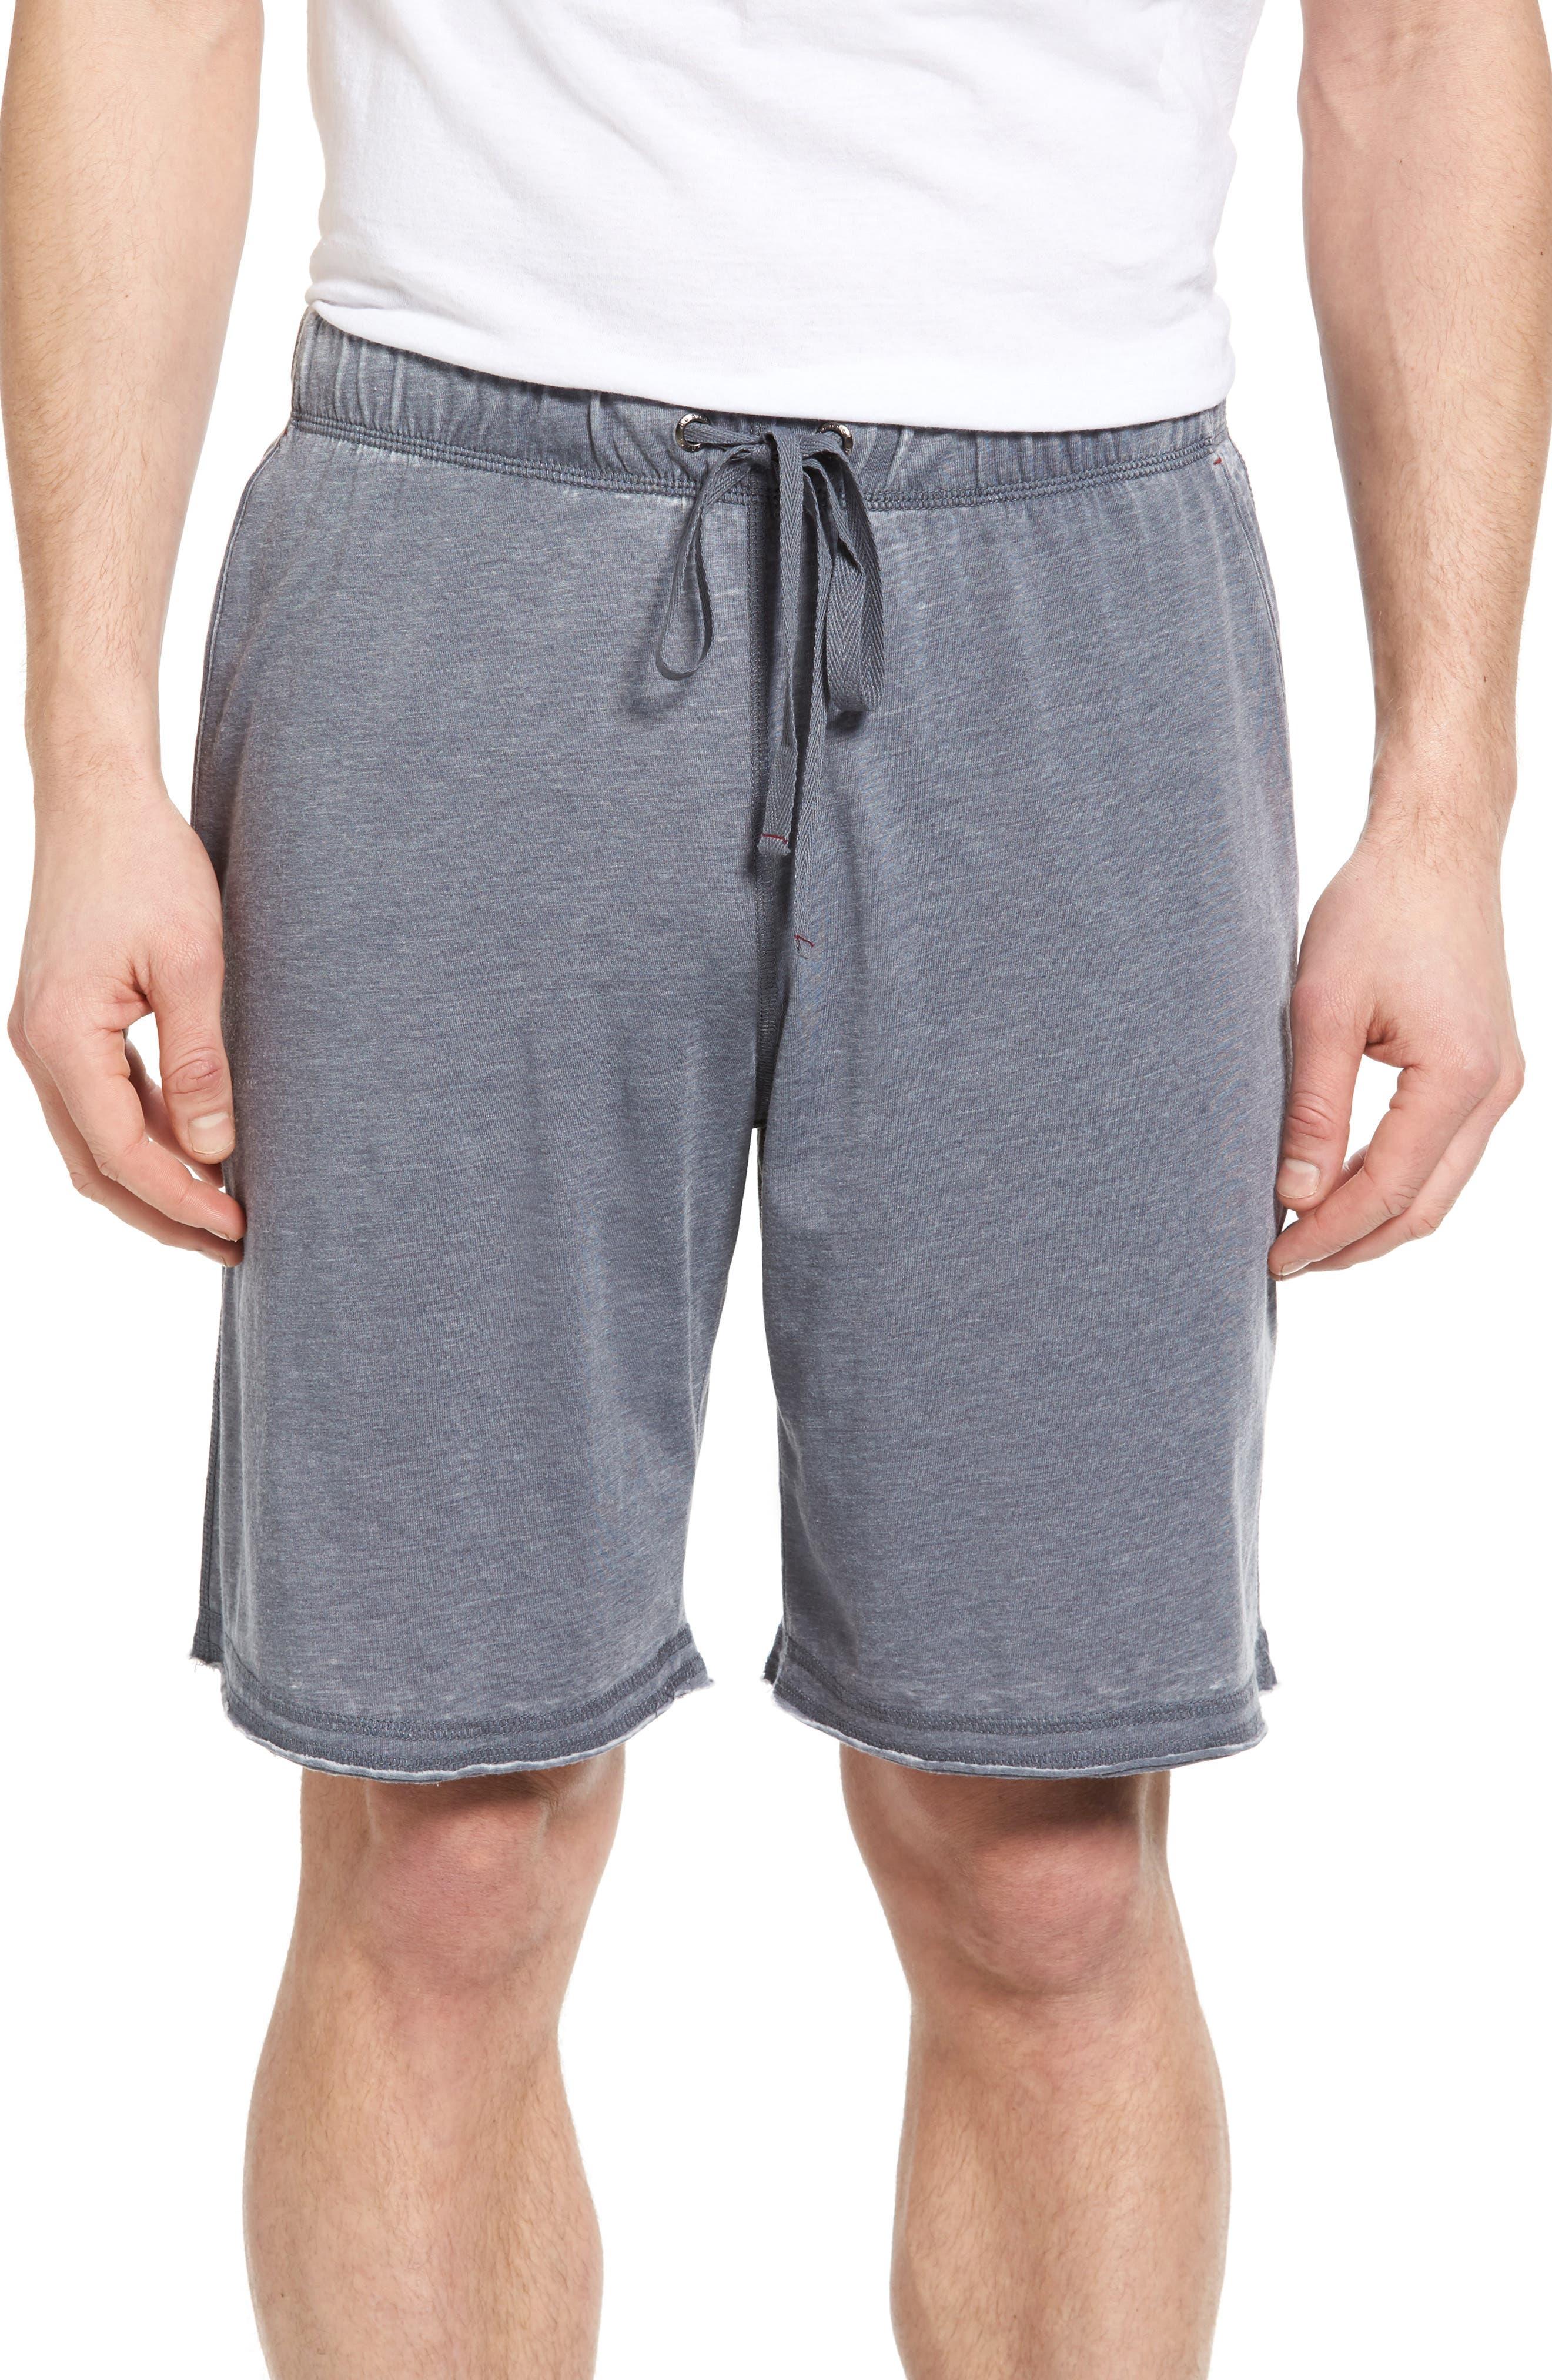 Burnout Lounge Shorts,                             Main thumbnail 1, color,                             020